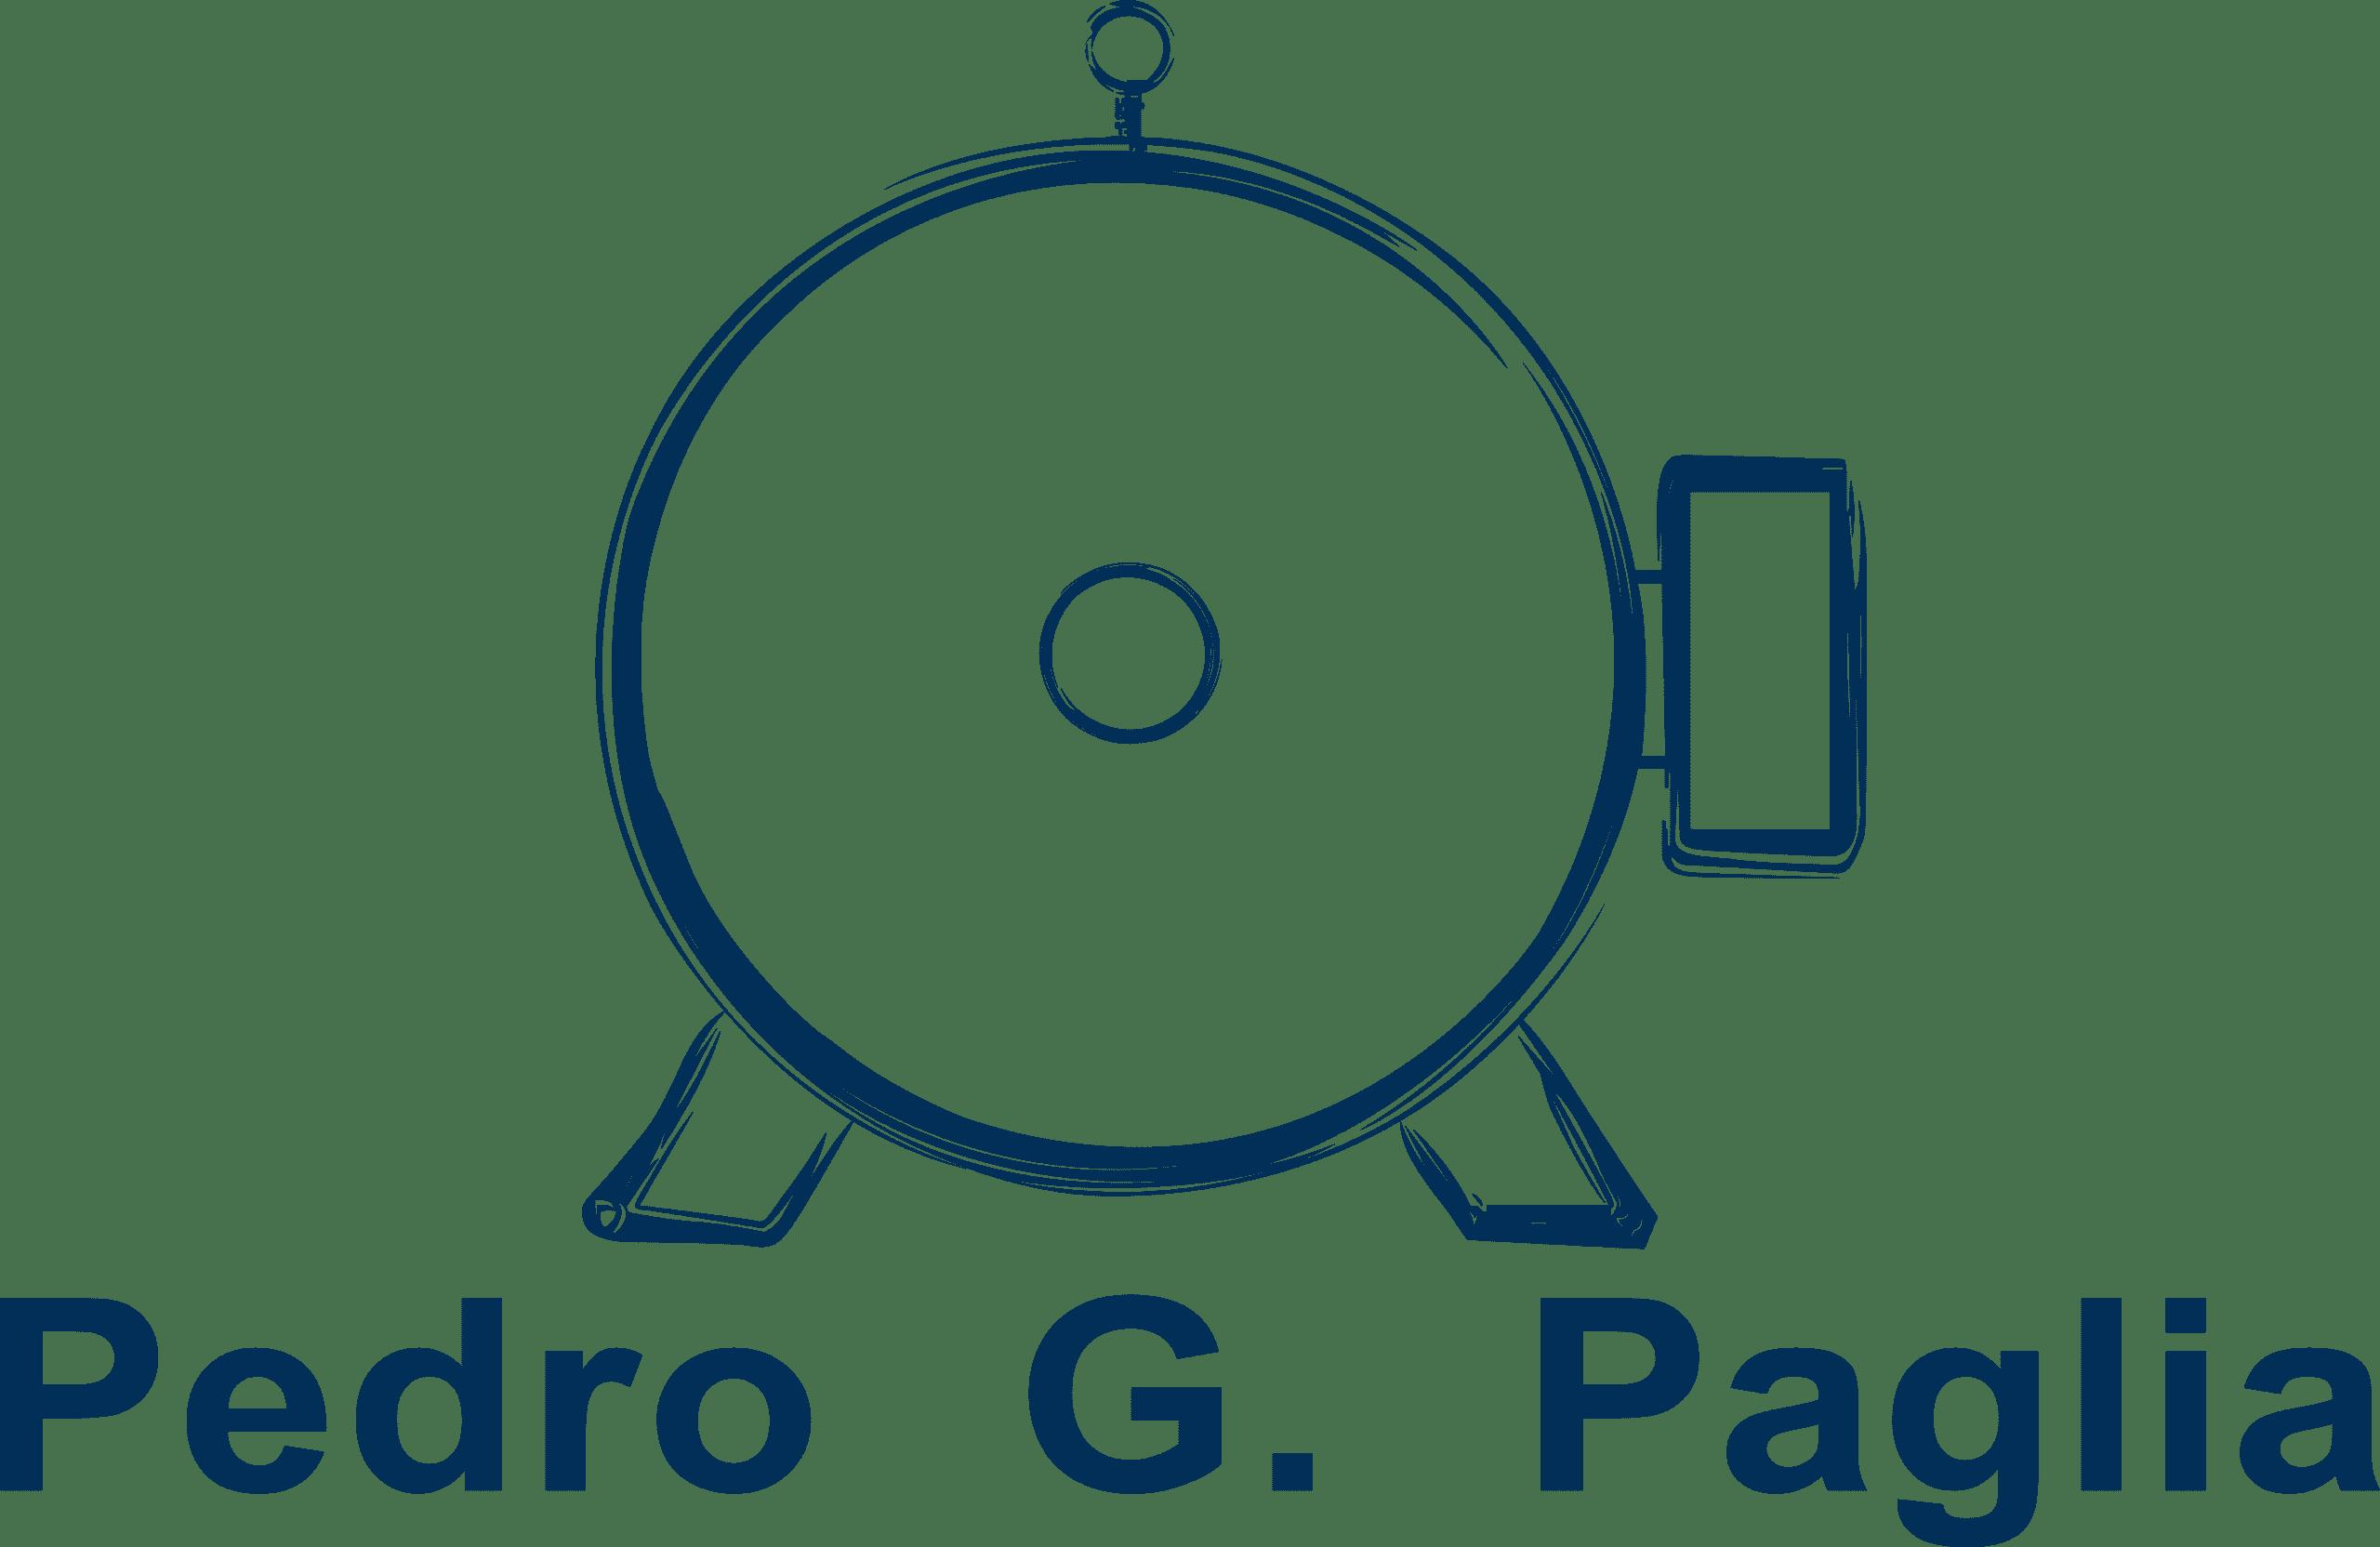 Pedro G. Paglia S.R.L. Icon